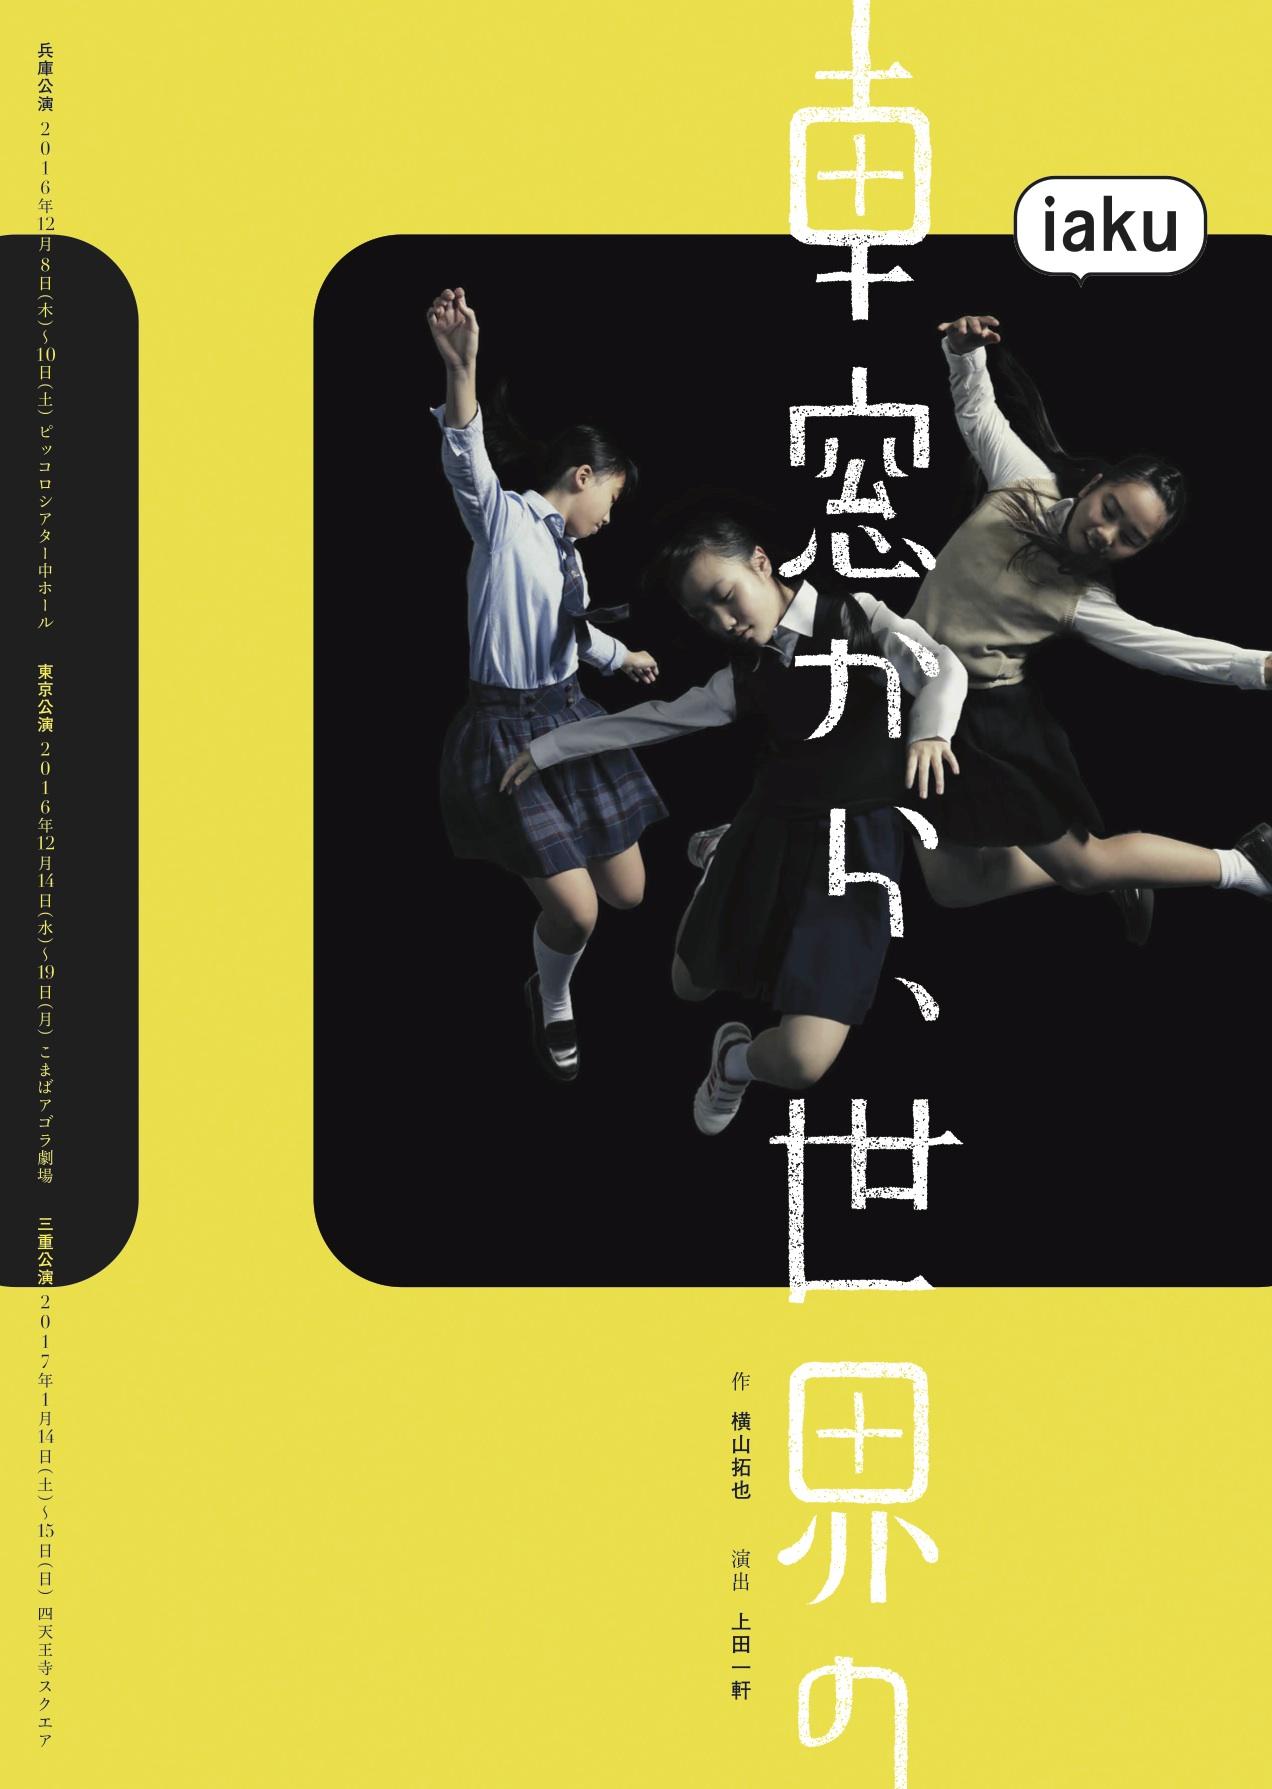 http://www.yokoyama-iaku.com/%E8%BB%8A%E7%AA%932016%E3%83%81%E3%83%A9%E3%82%B7.jpg